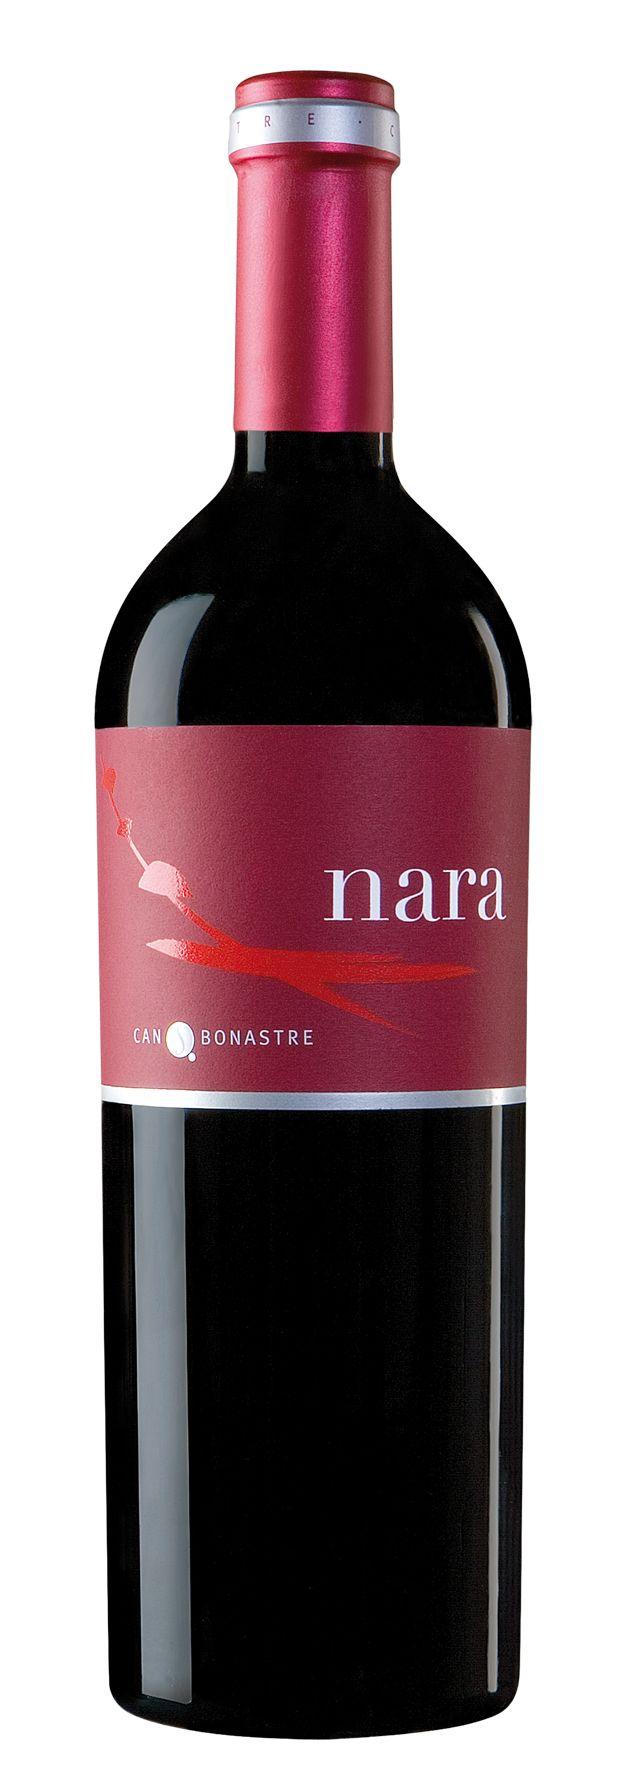 Nara Vino Wine Of Spain Mxm Wine Label Packaging Wine From Spain Wine Bottle